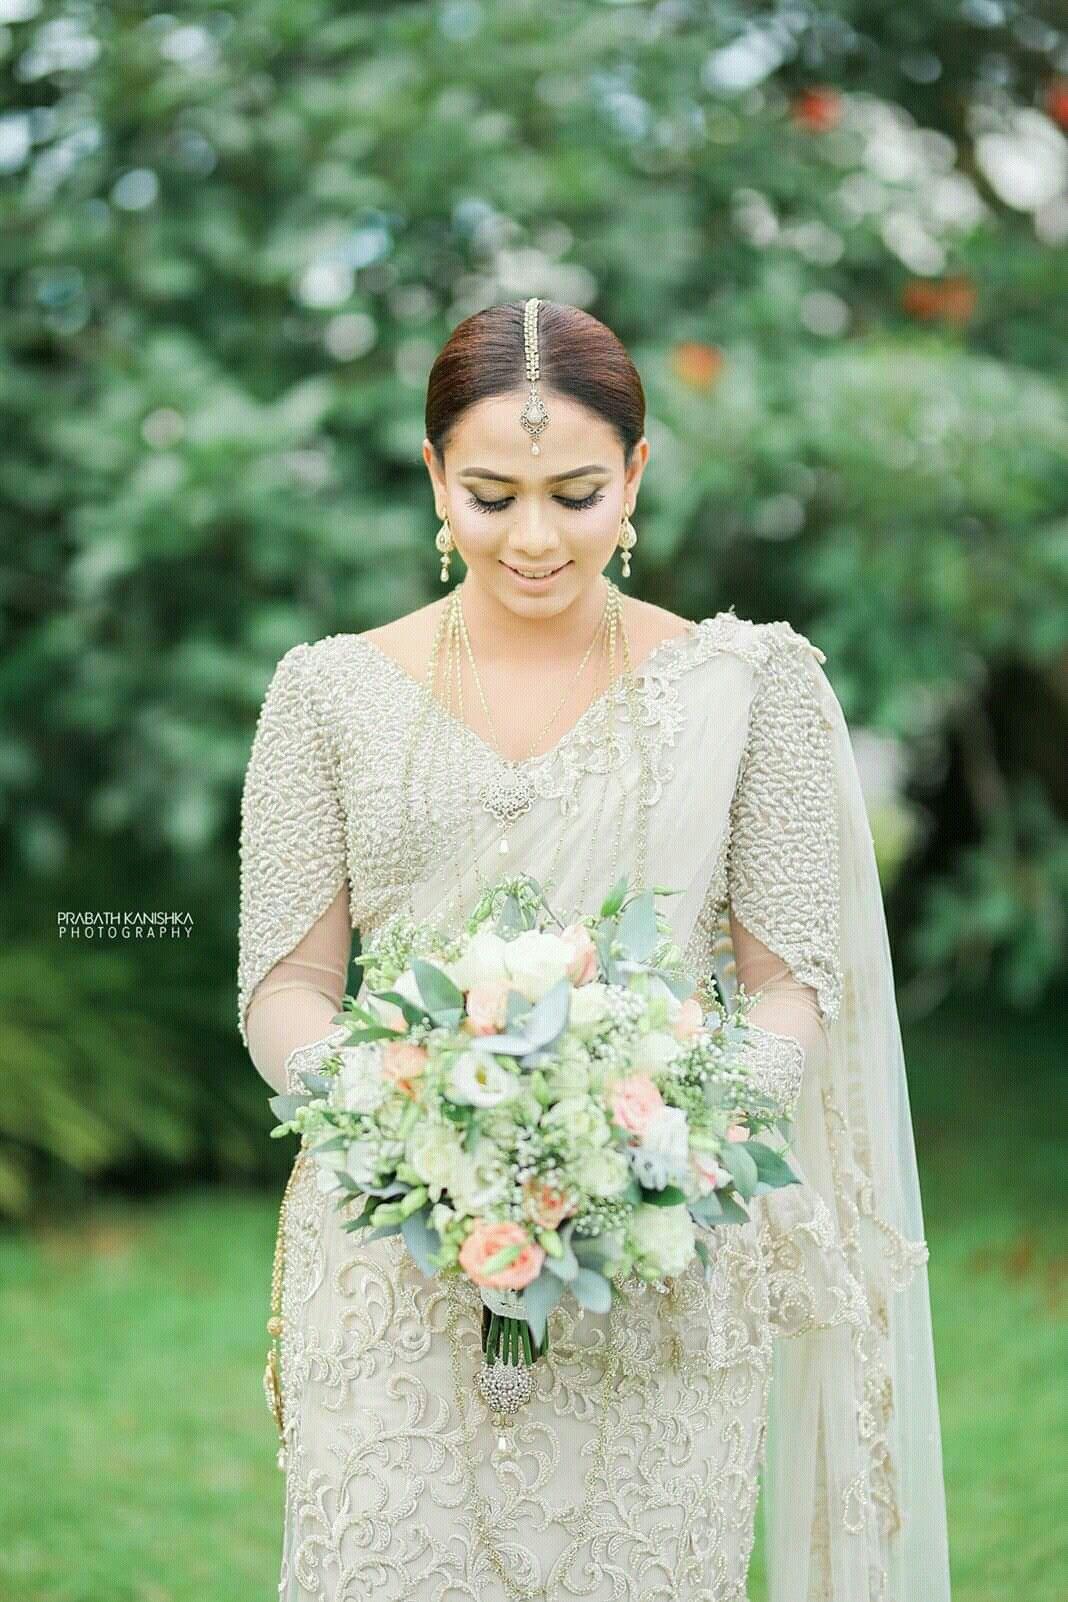 Modern Kandyan Bride Sari Wedding Dresses Bridesmaid Saree Bridal Dress Design